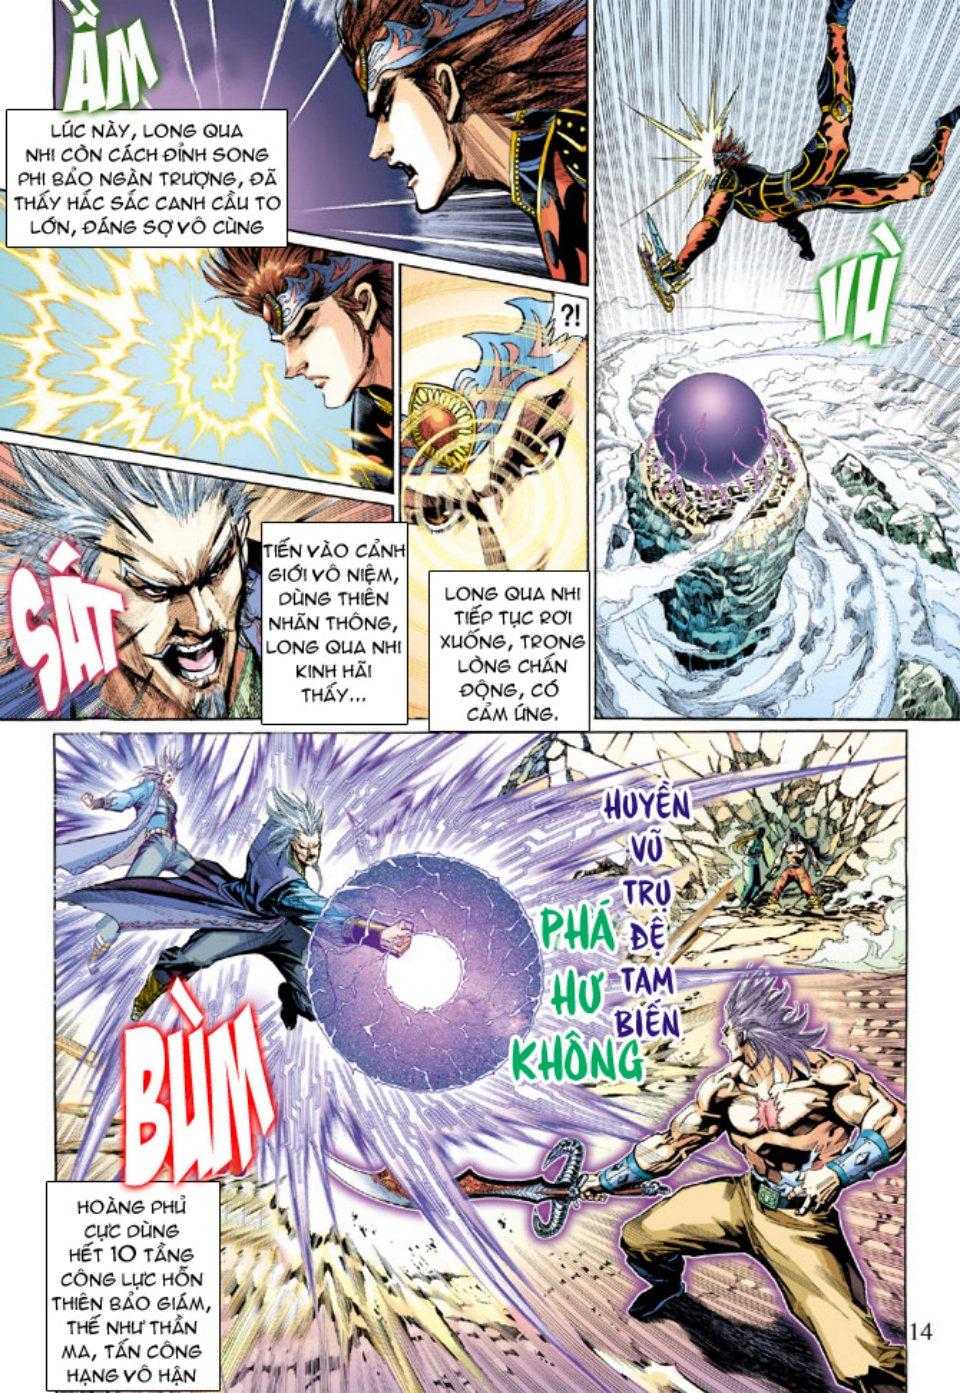 Thiên Tử Truyền Kỳ 5 – Như Lai Thần Chưởng chap 214 – End Trang 14 - Mangak.info